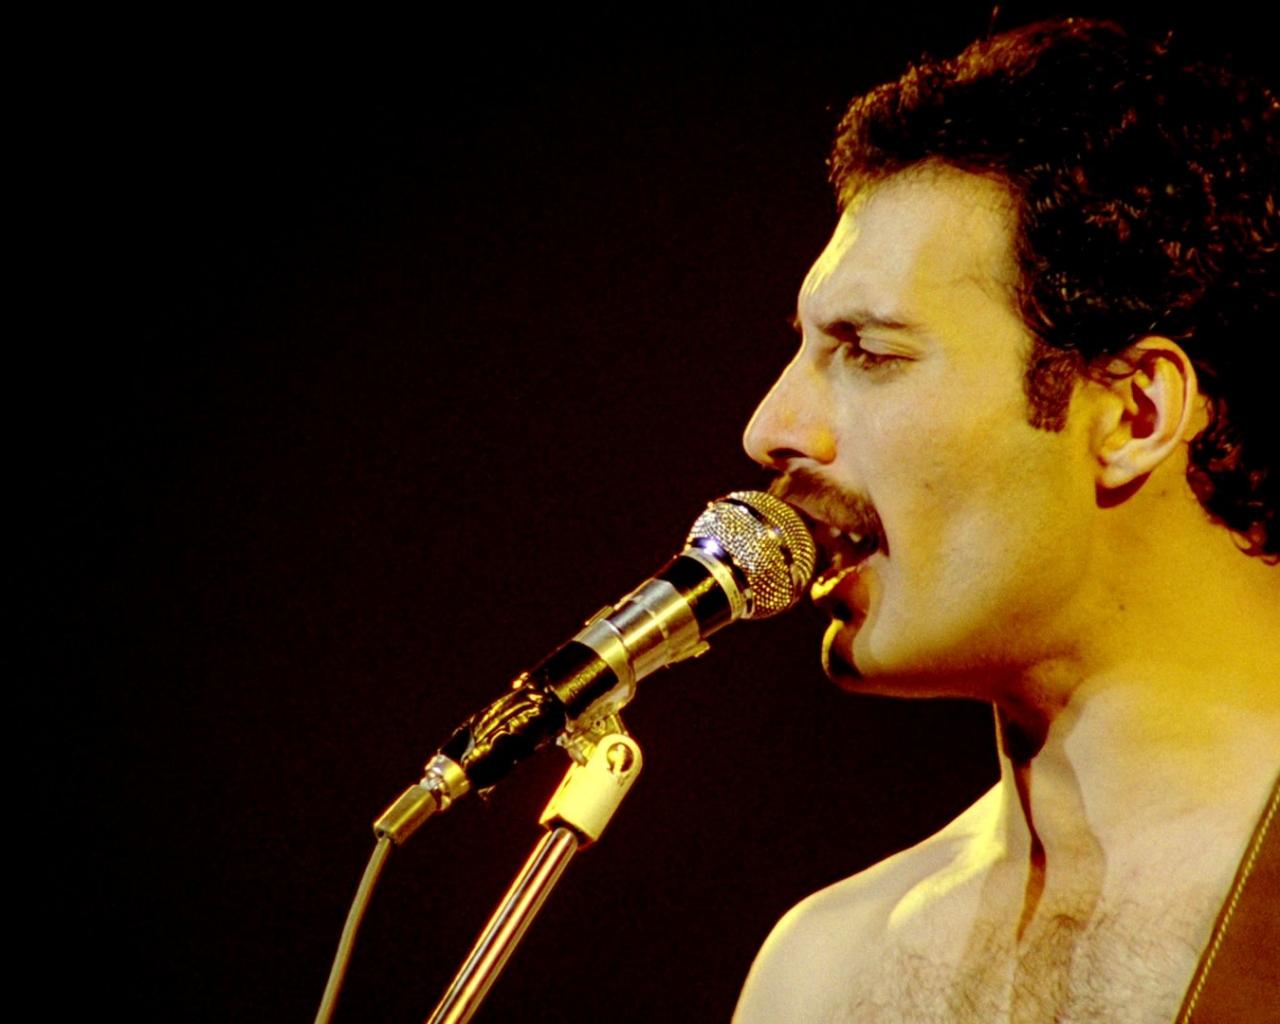 Freddie Mercury - 1280x1024